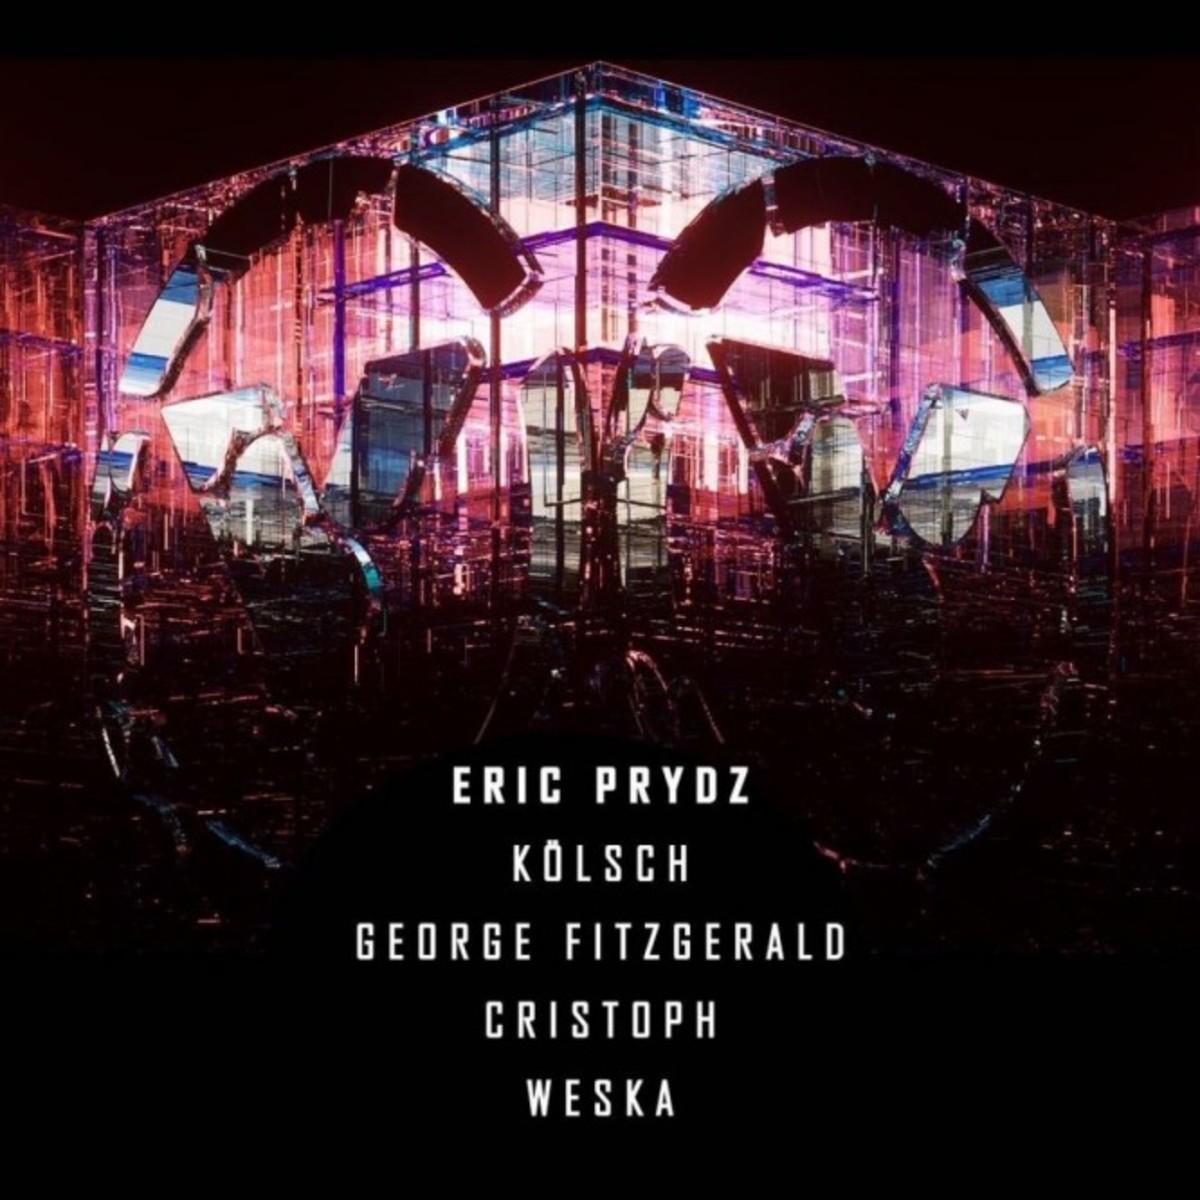 Eric Prydz, KOLSCH, George Fitzgerald, Christoph, Weska (Line-Up)